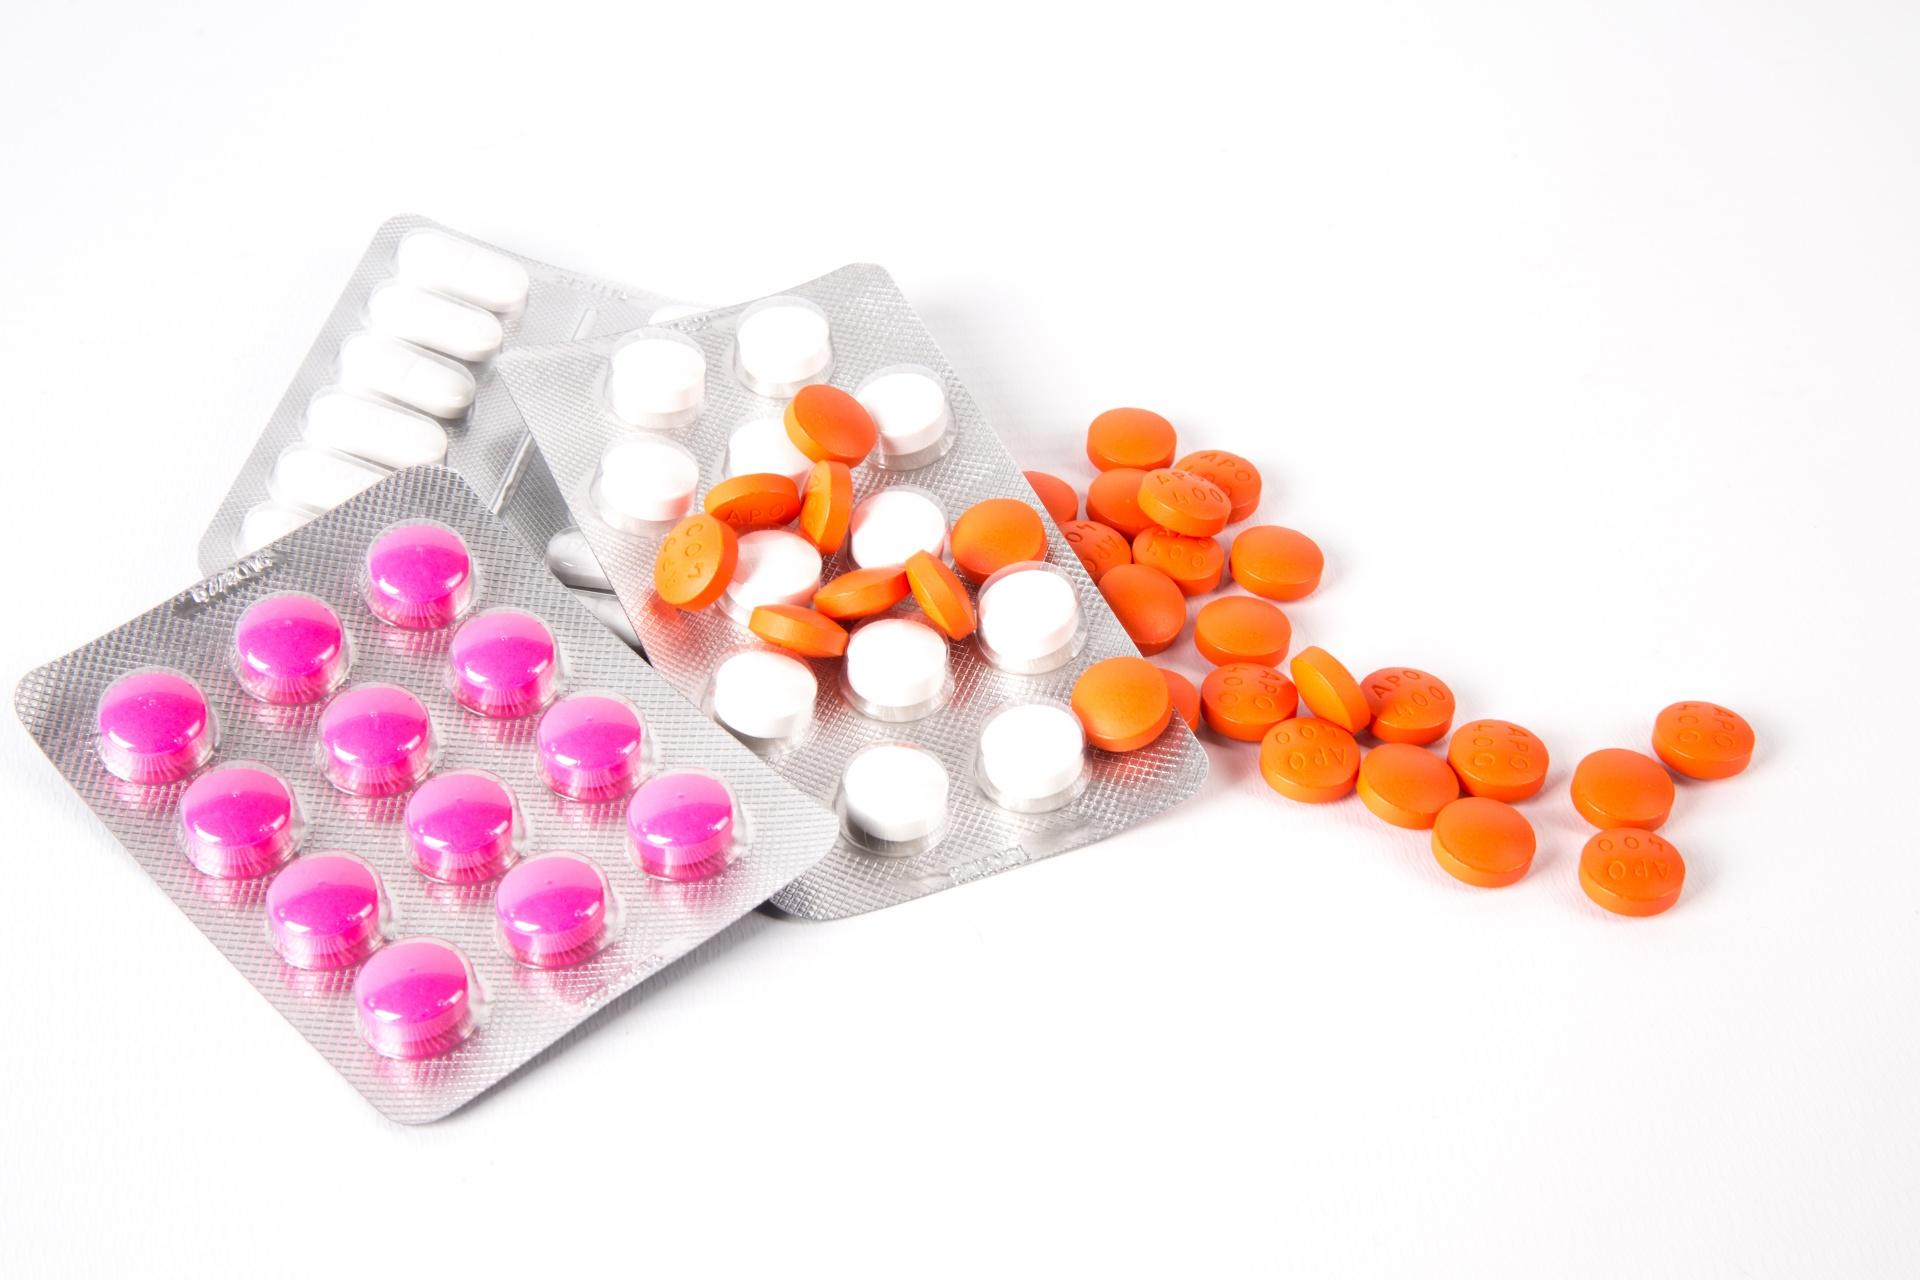 Afbeeldingsresultaat voor medicine addiction